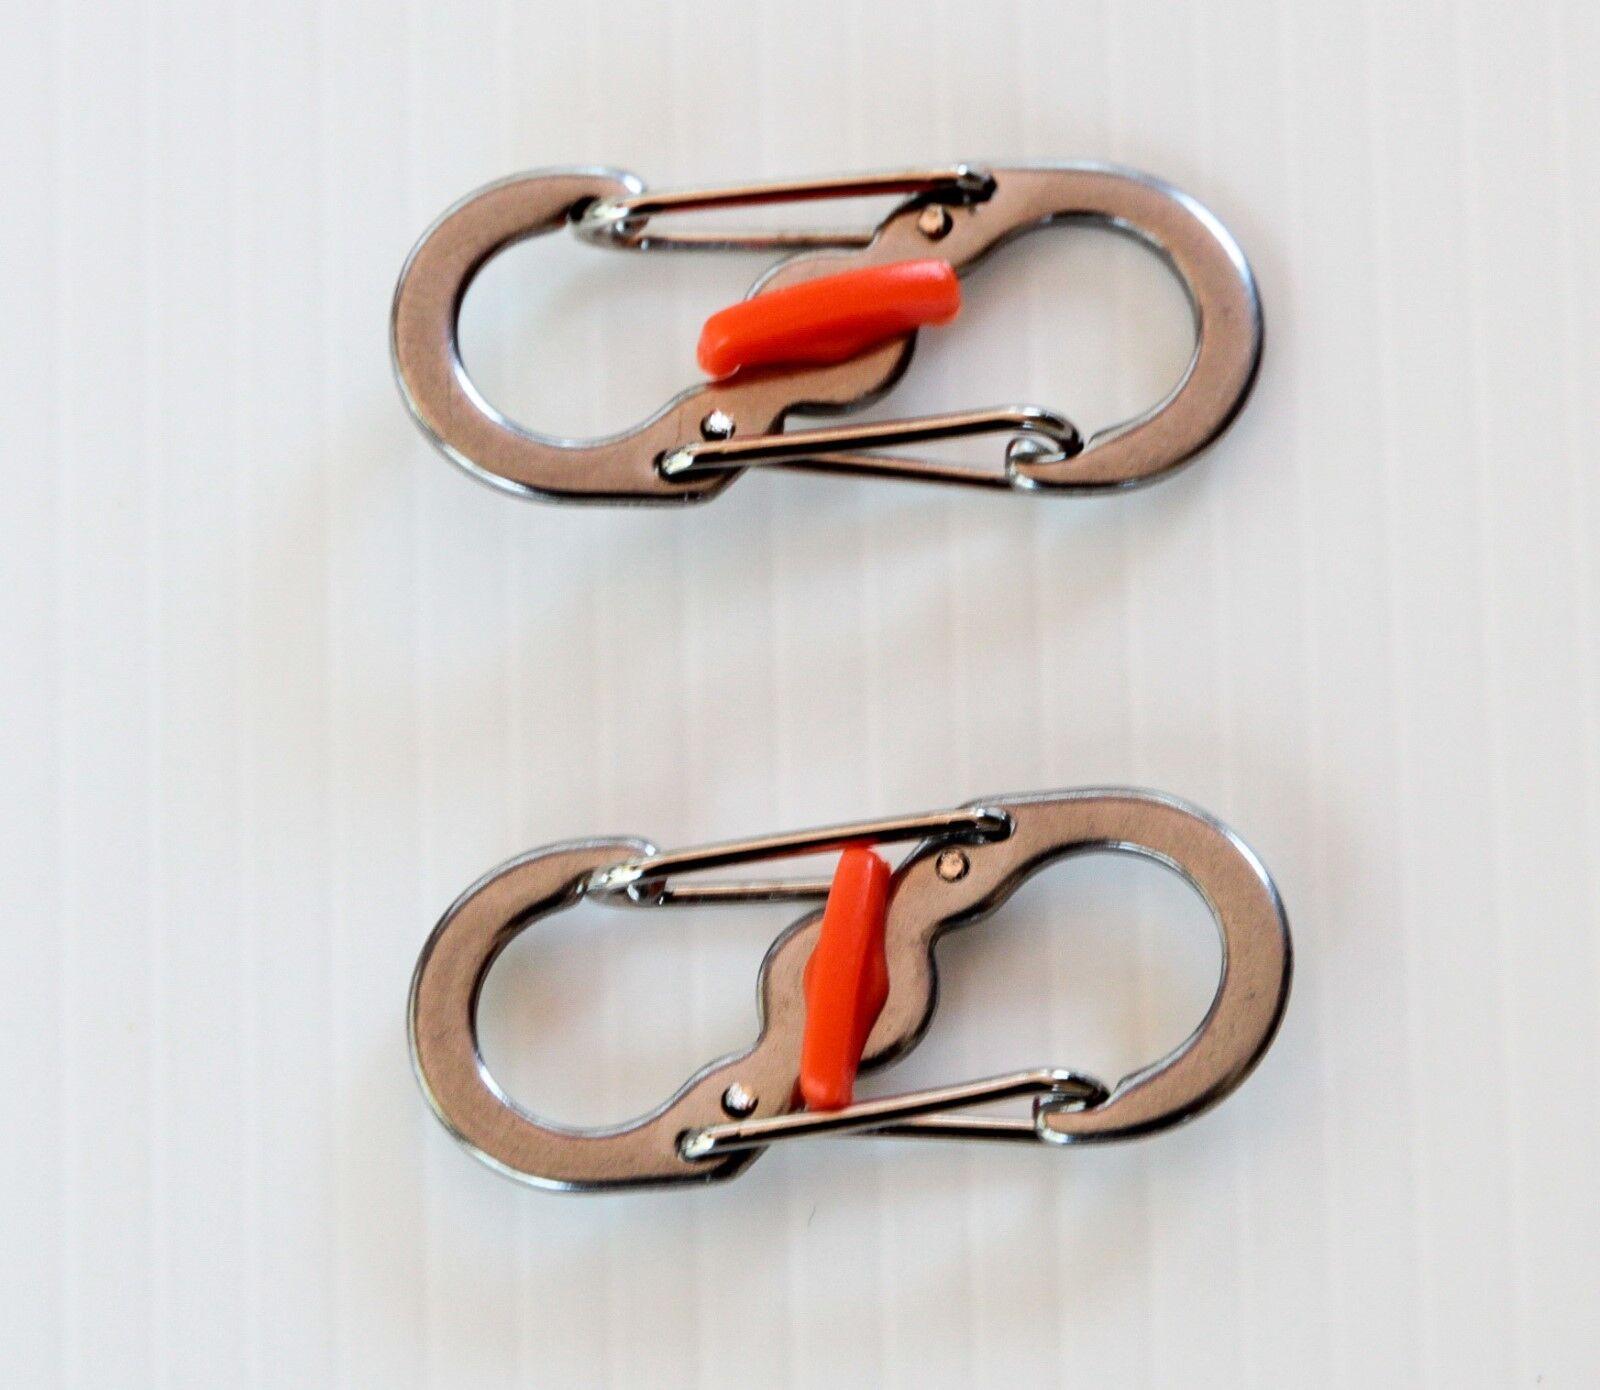 Moschettone portachiavi con sicura antiapertura di piccole dimensioni 2 pezzi